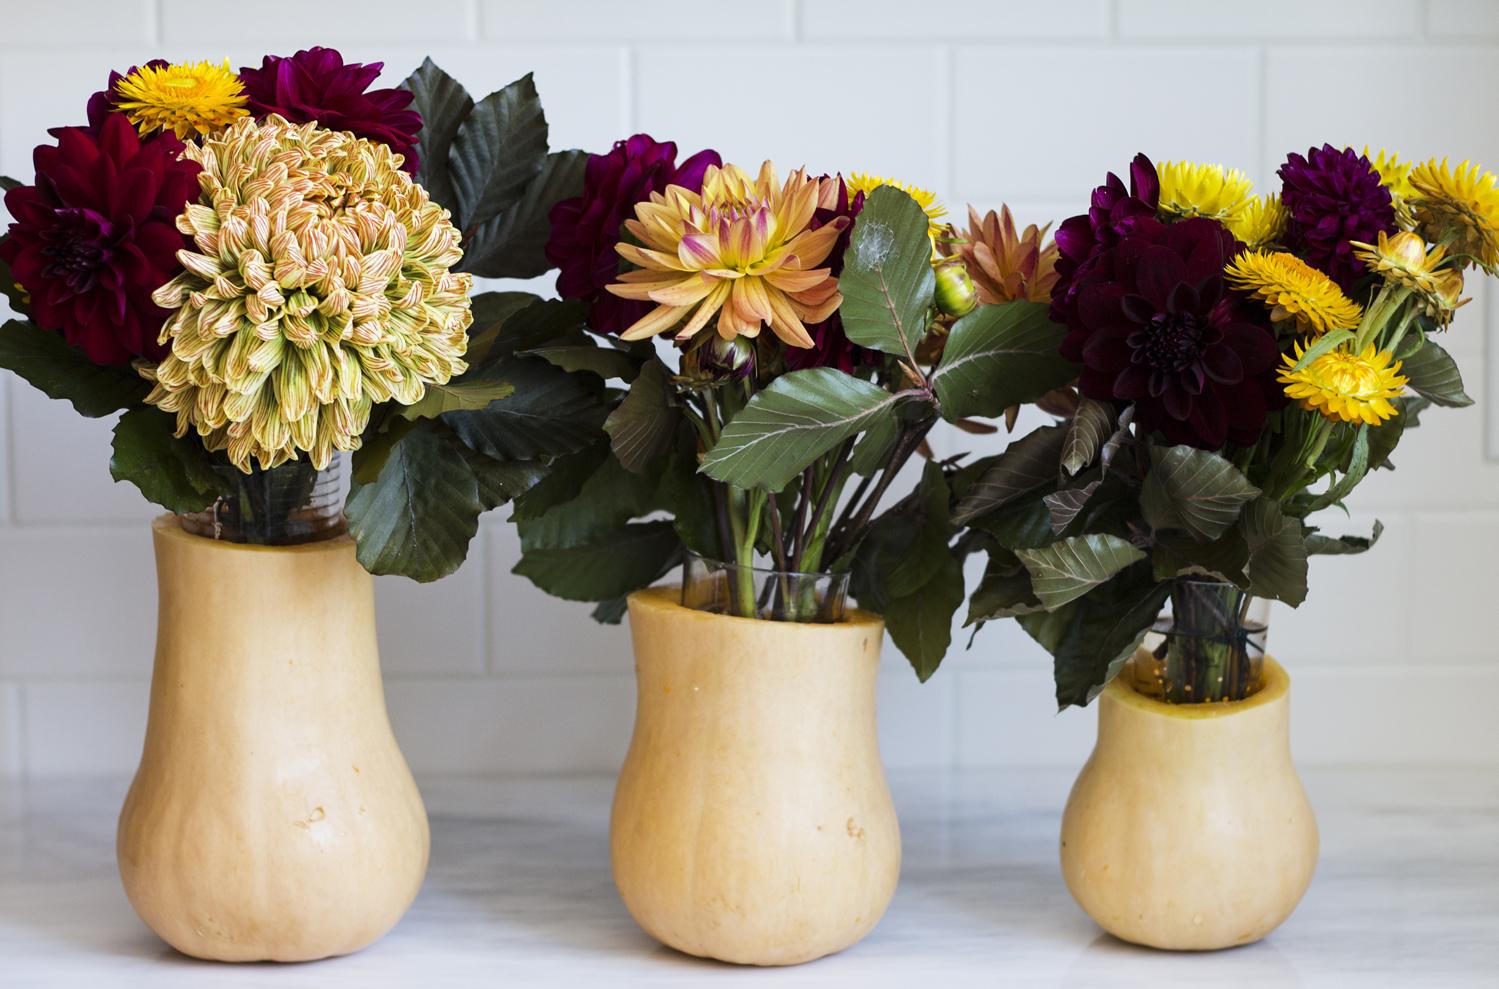 Squash Vase Centerpieces